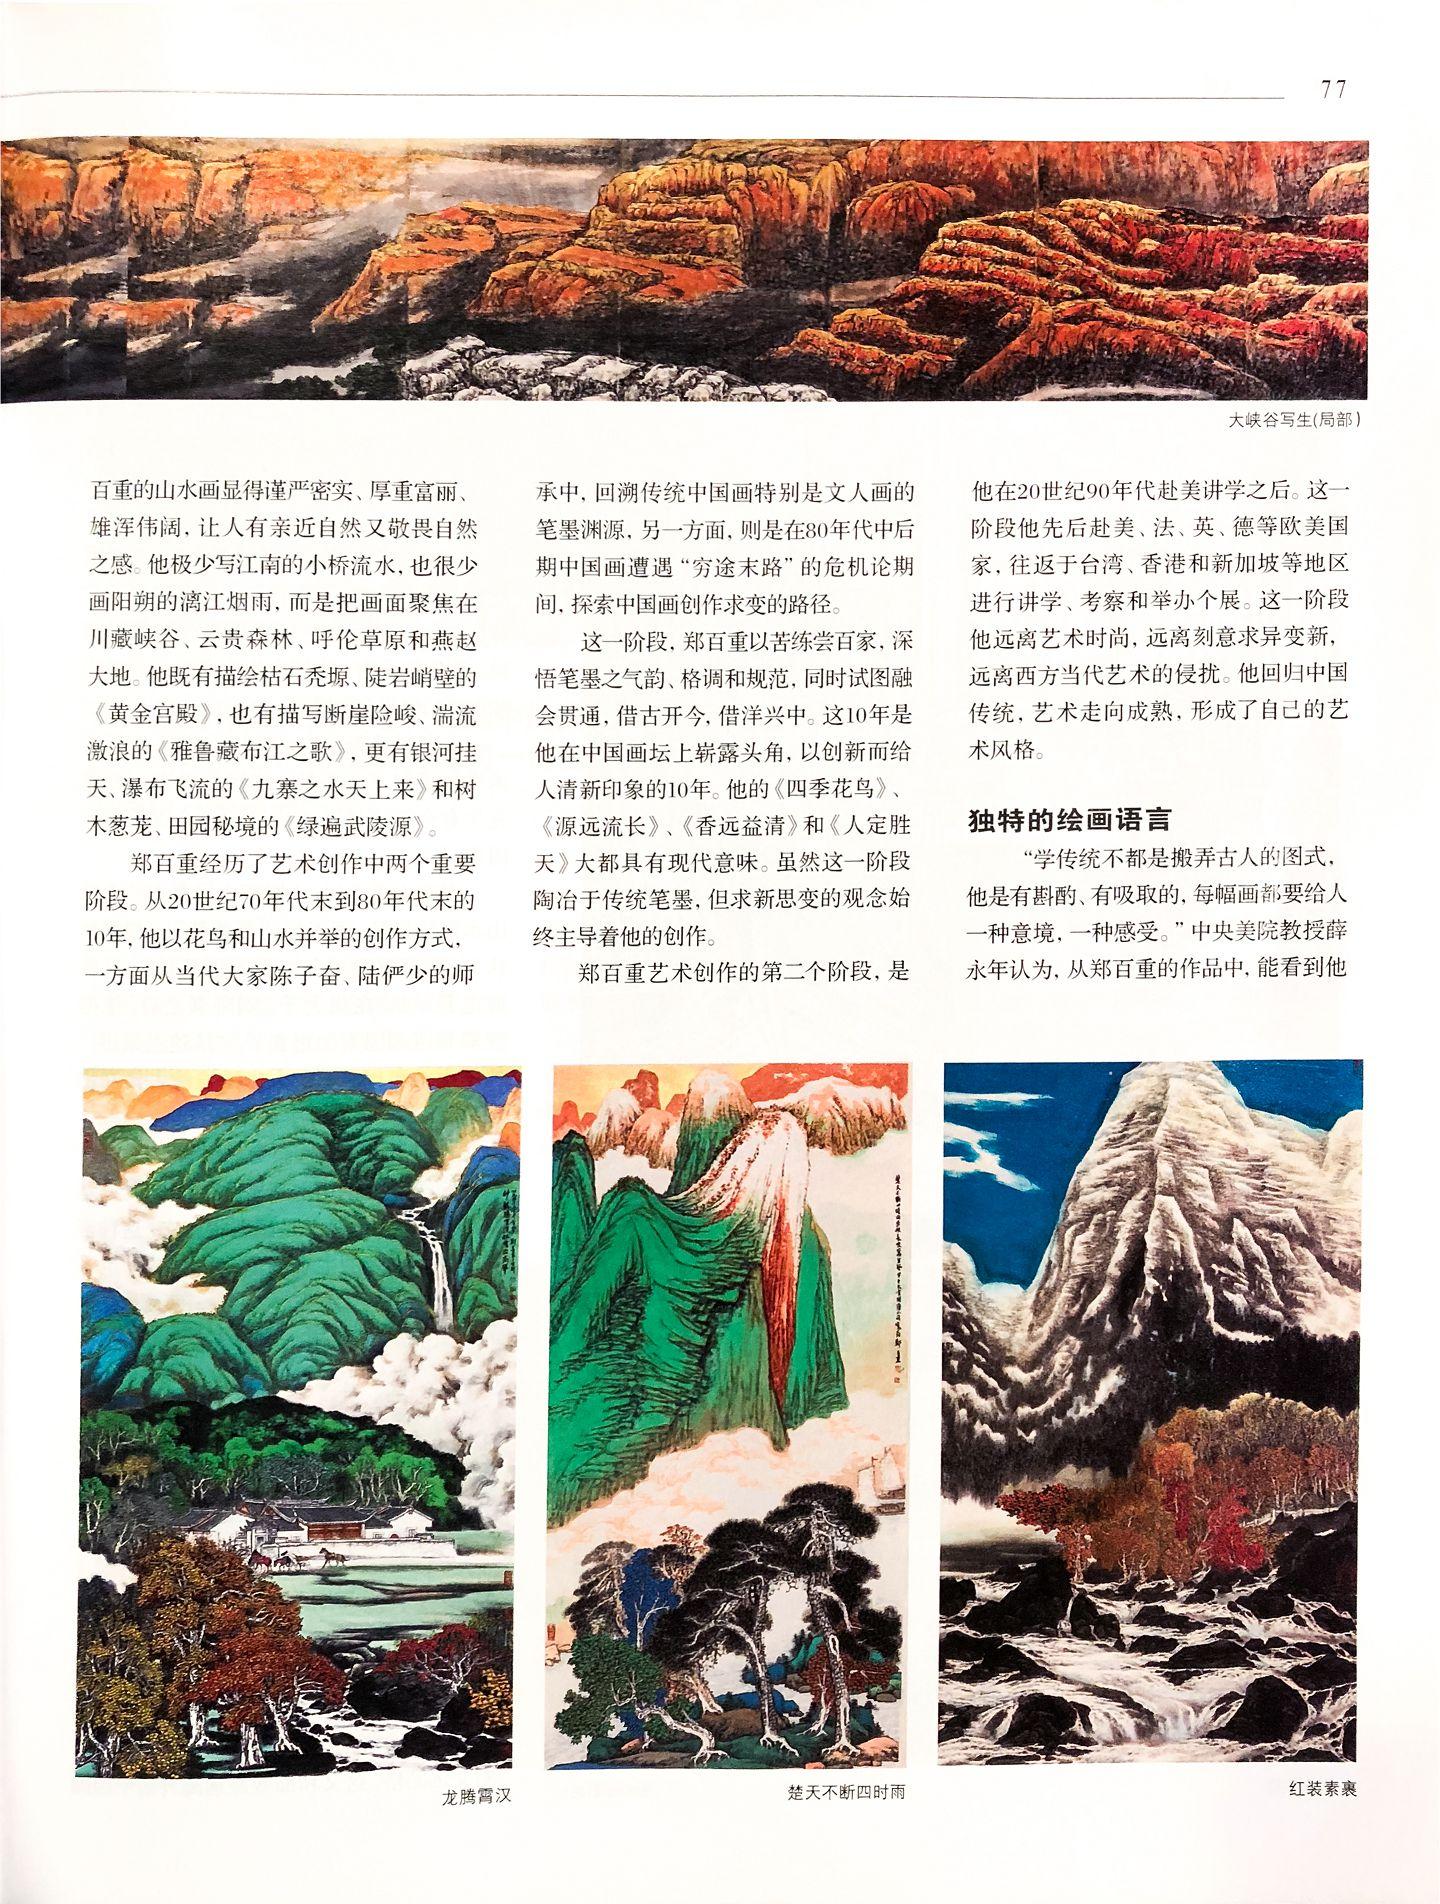 4-3_今日中國_No.64.jpg